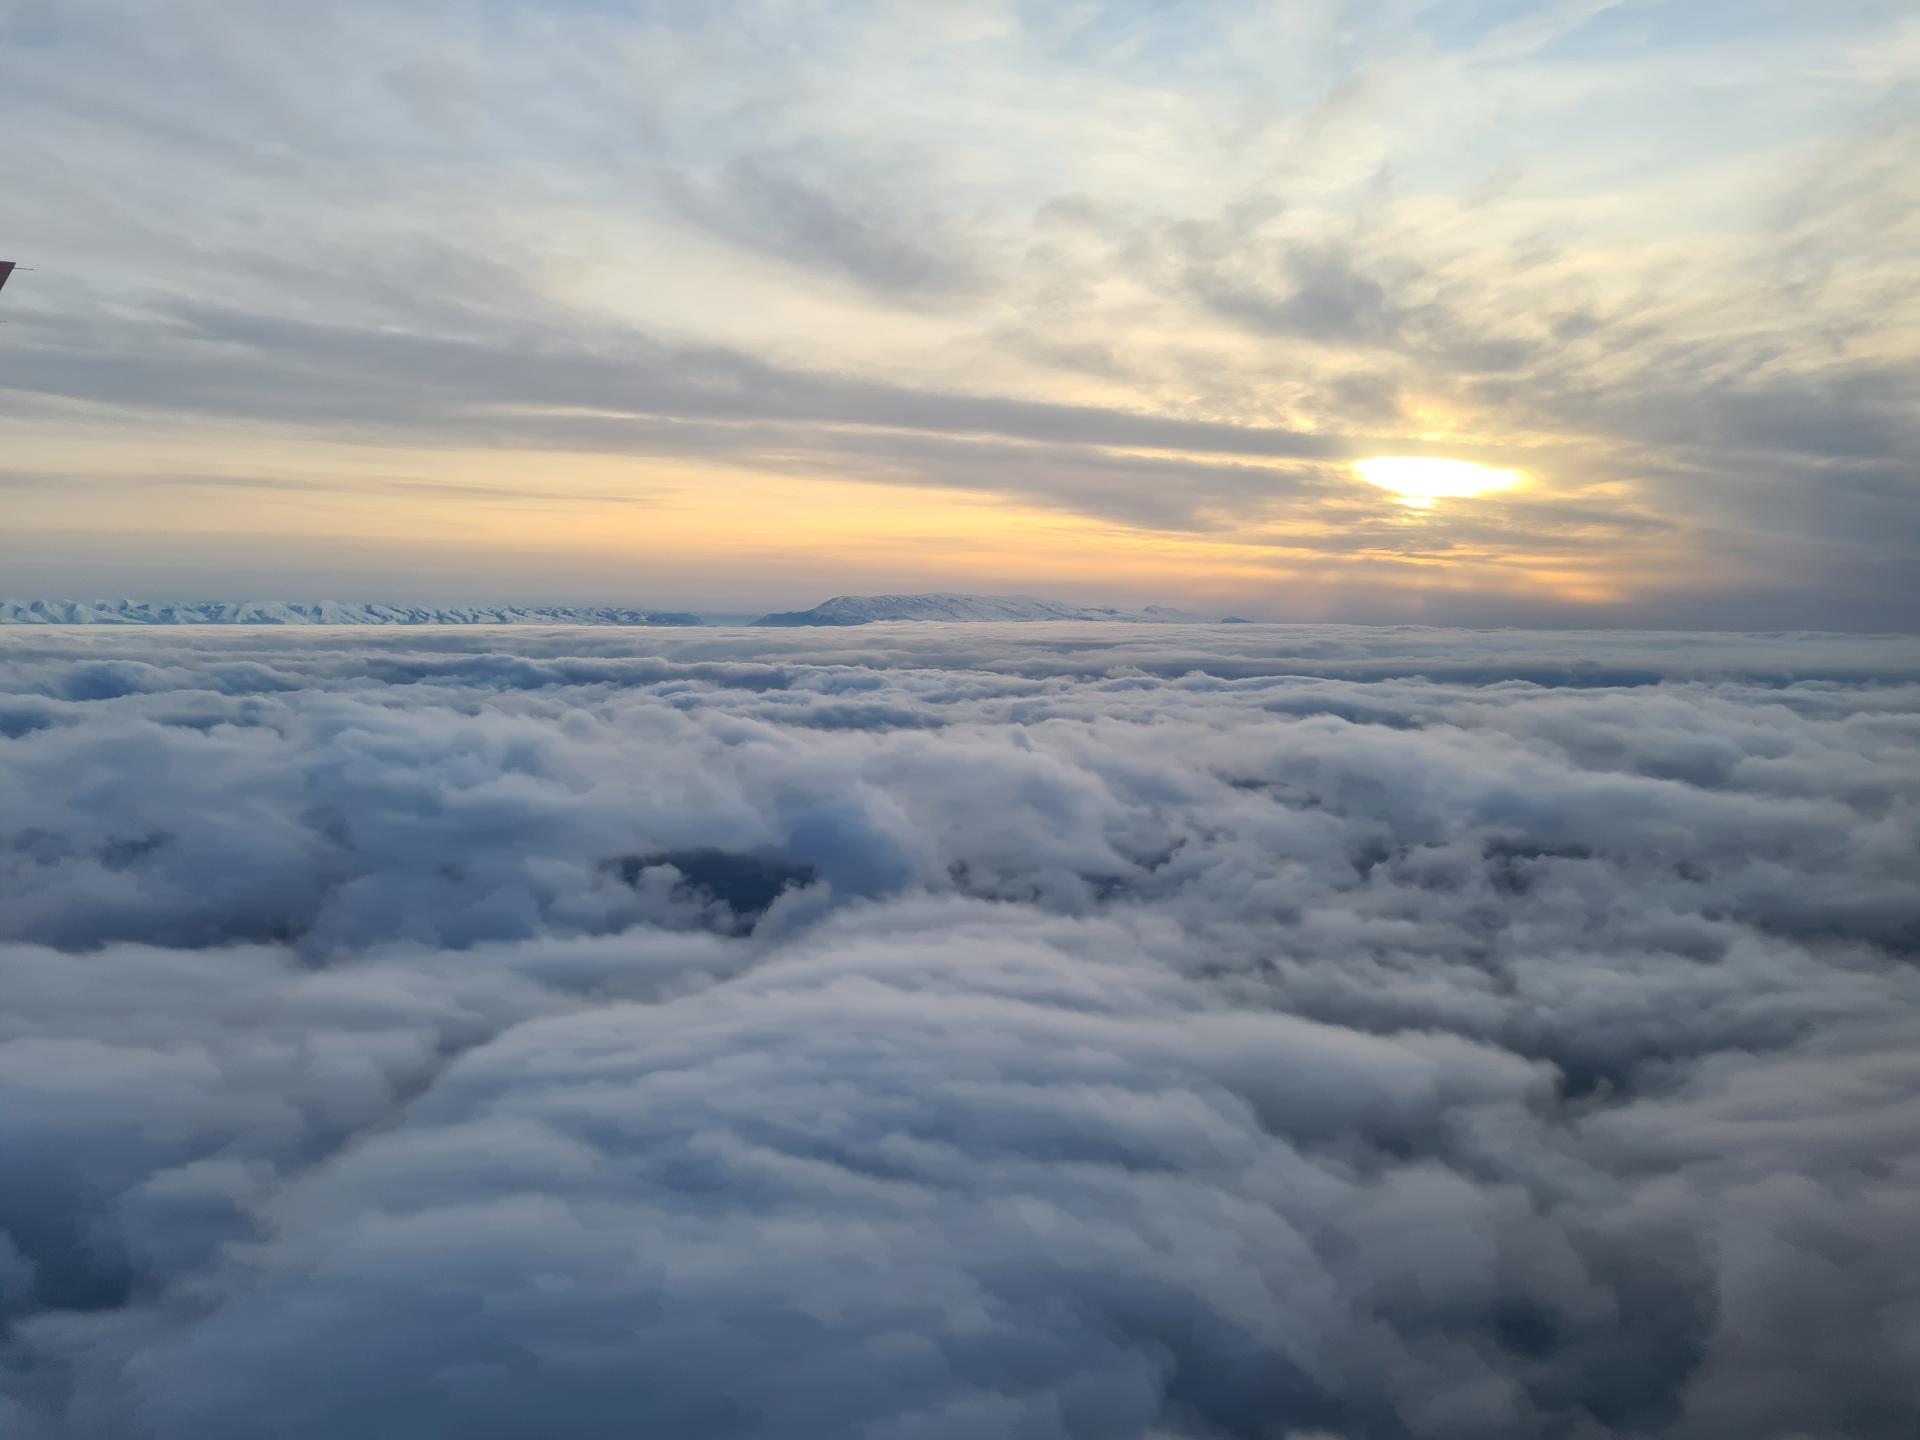 закат над облаками и горы